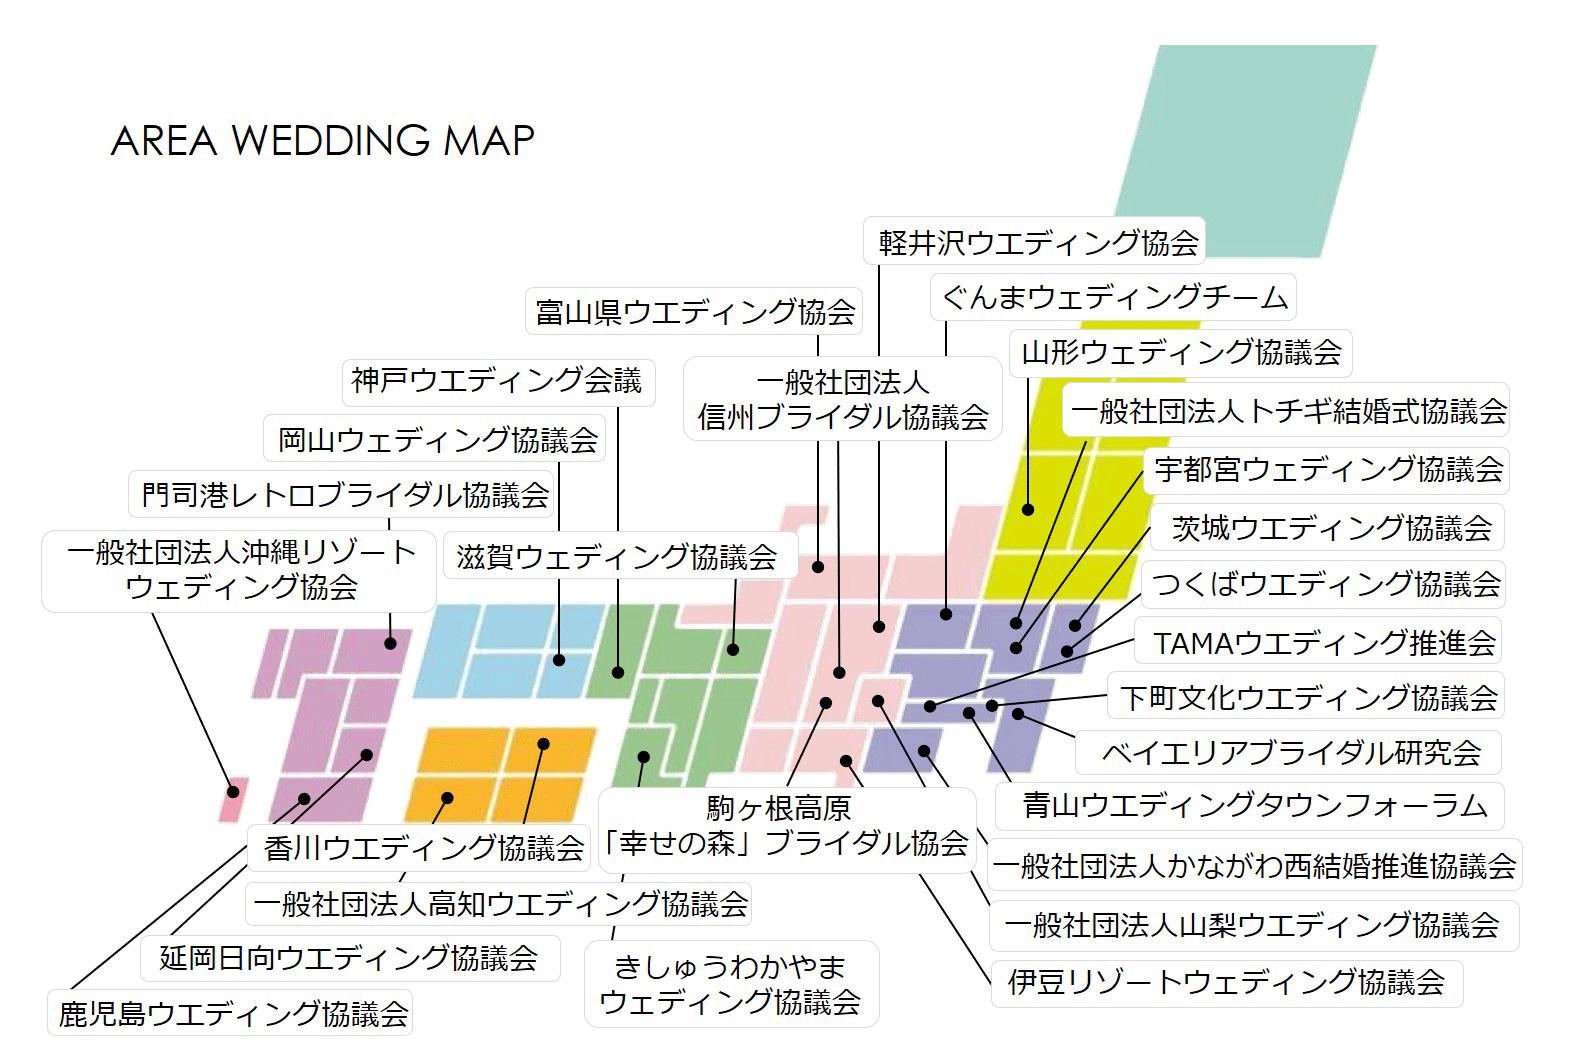 エリアウエディングマップ